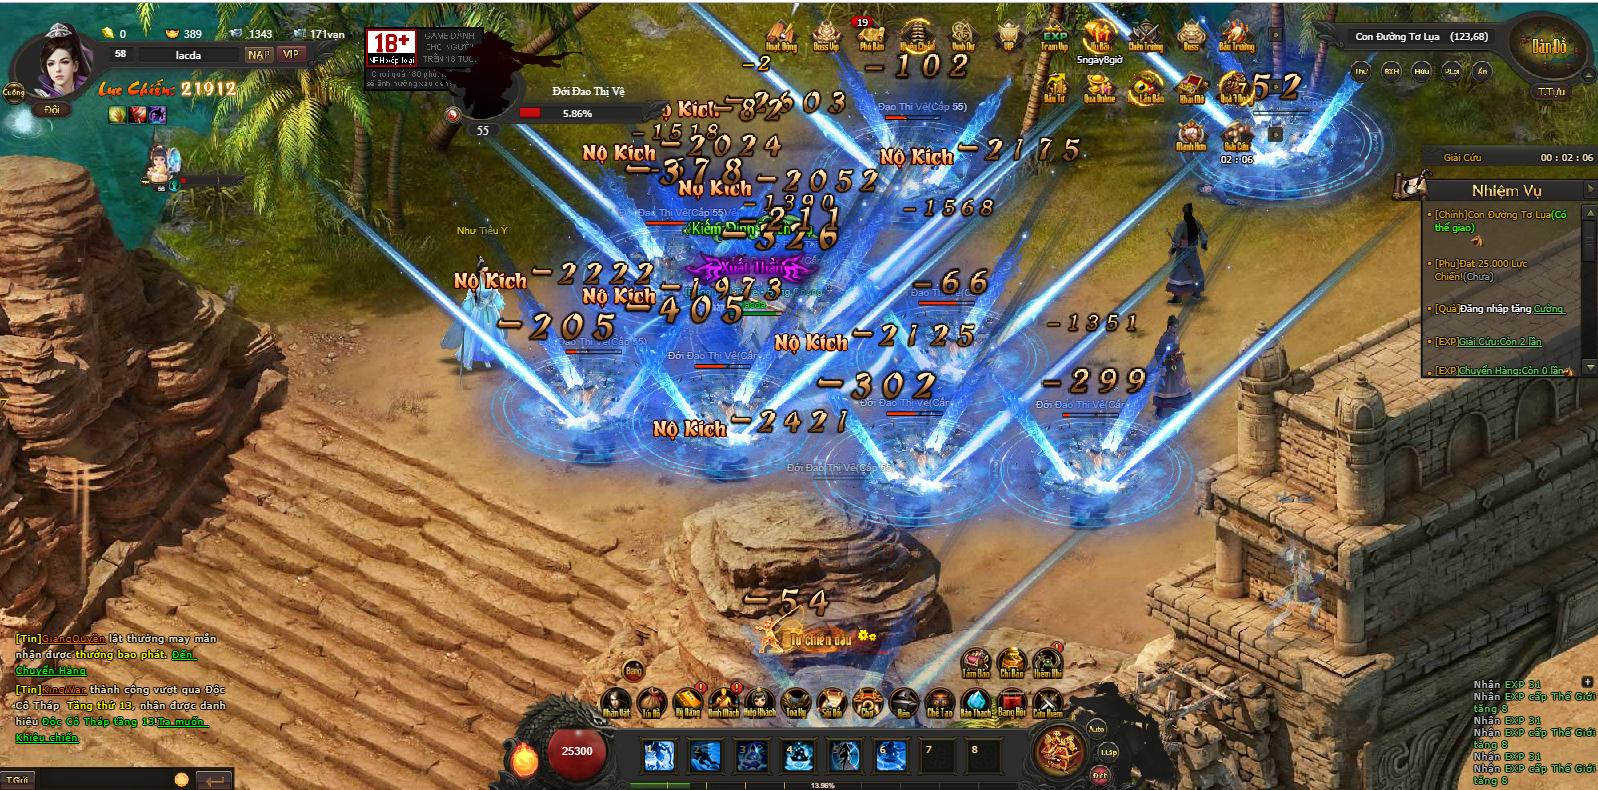 Webgame Kiếm Định Thiên Hạ tái hiện lối chơi game nhập vai kiếm hiệp kinh điển khi xưa 3